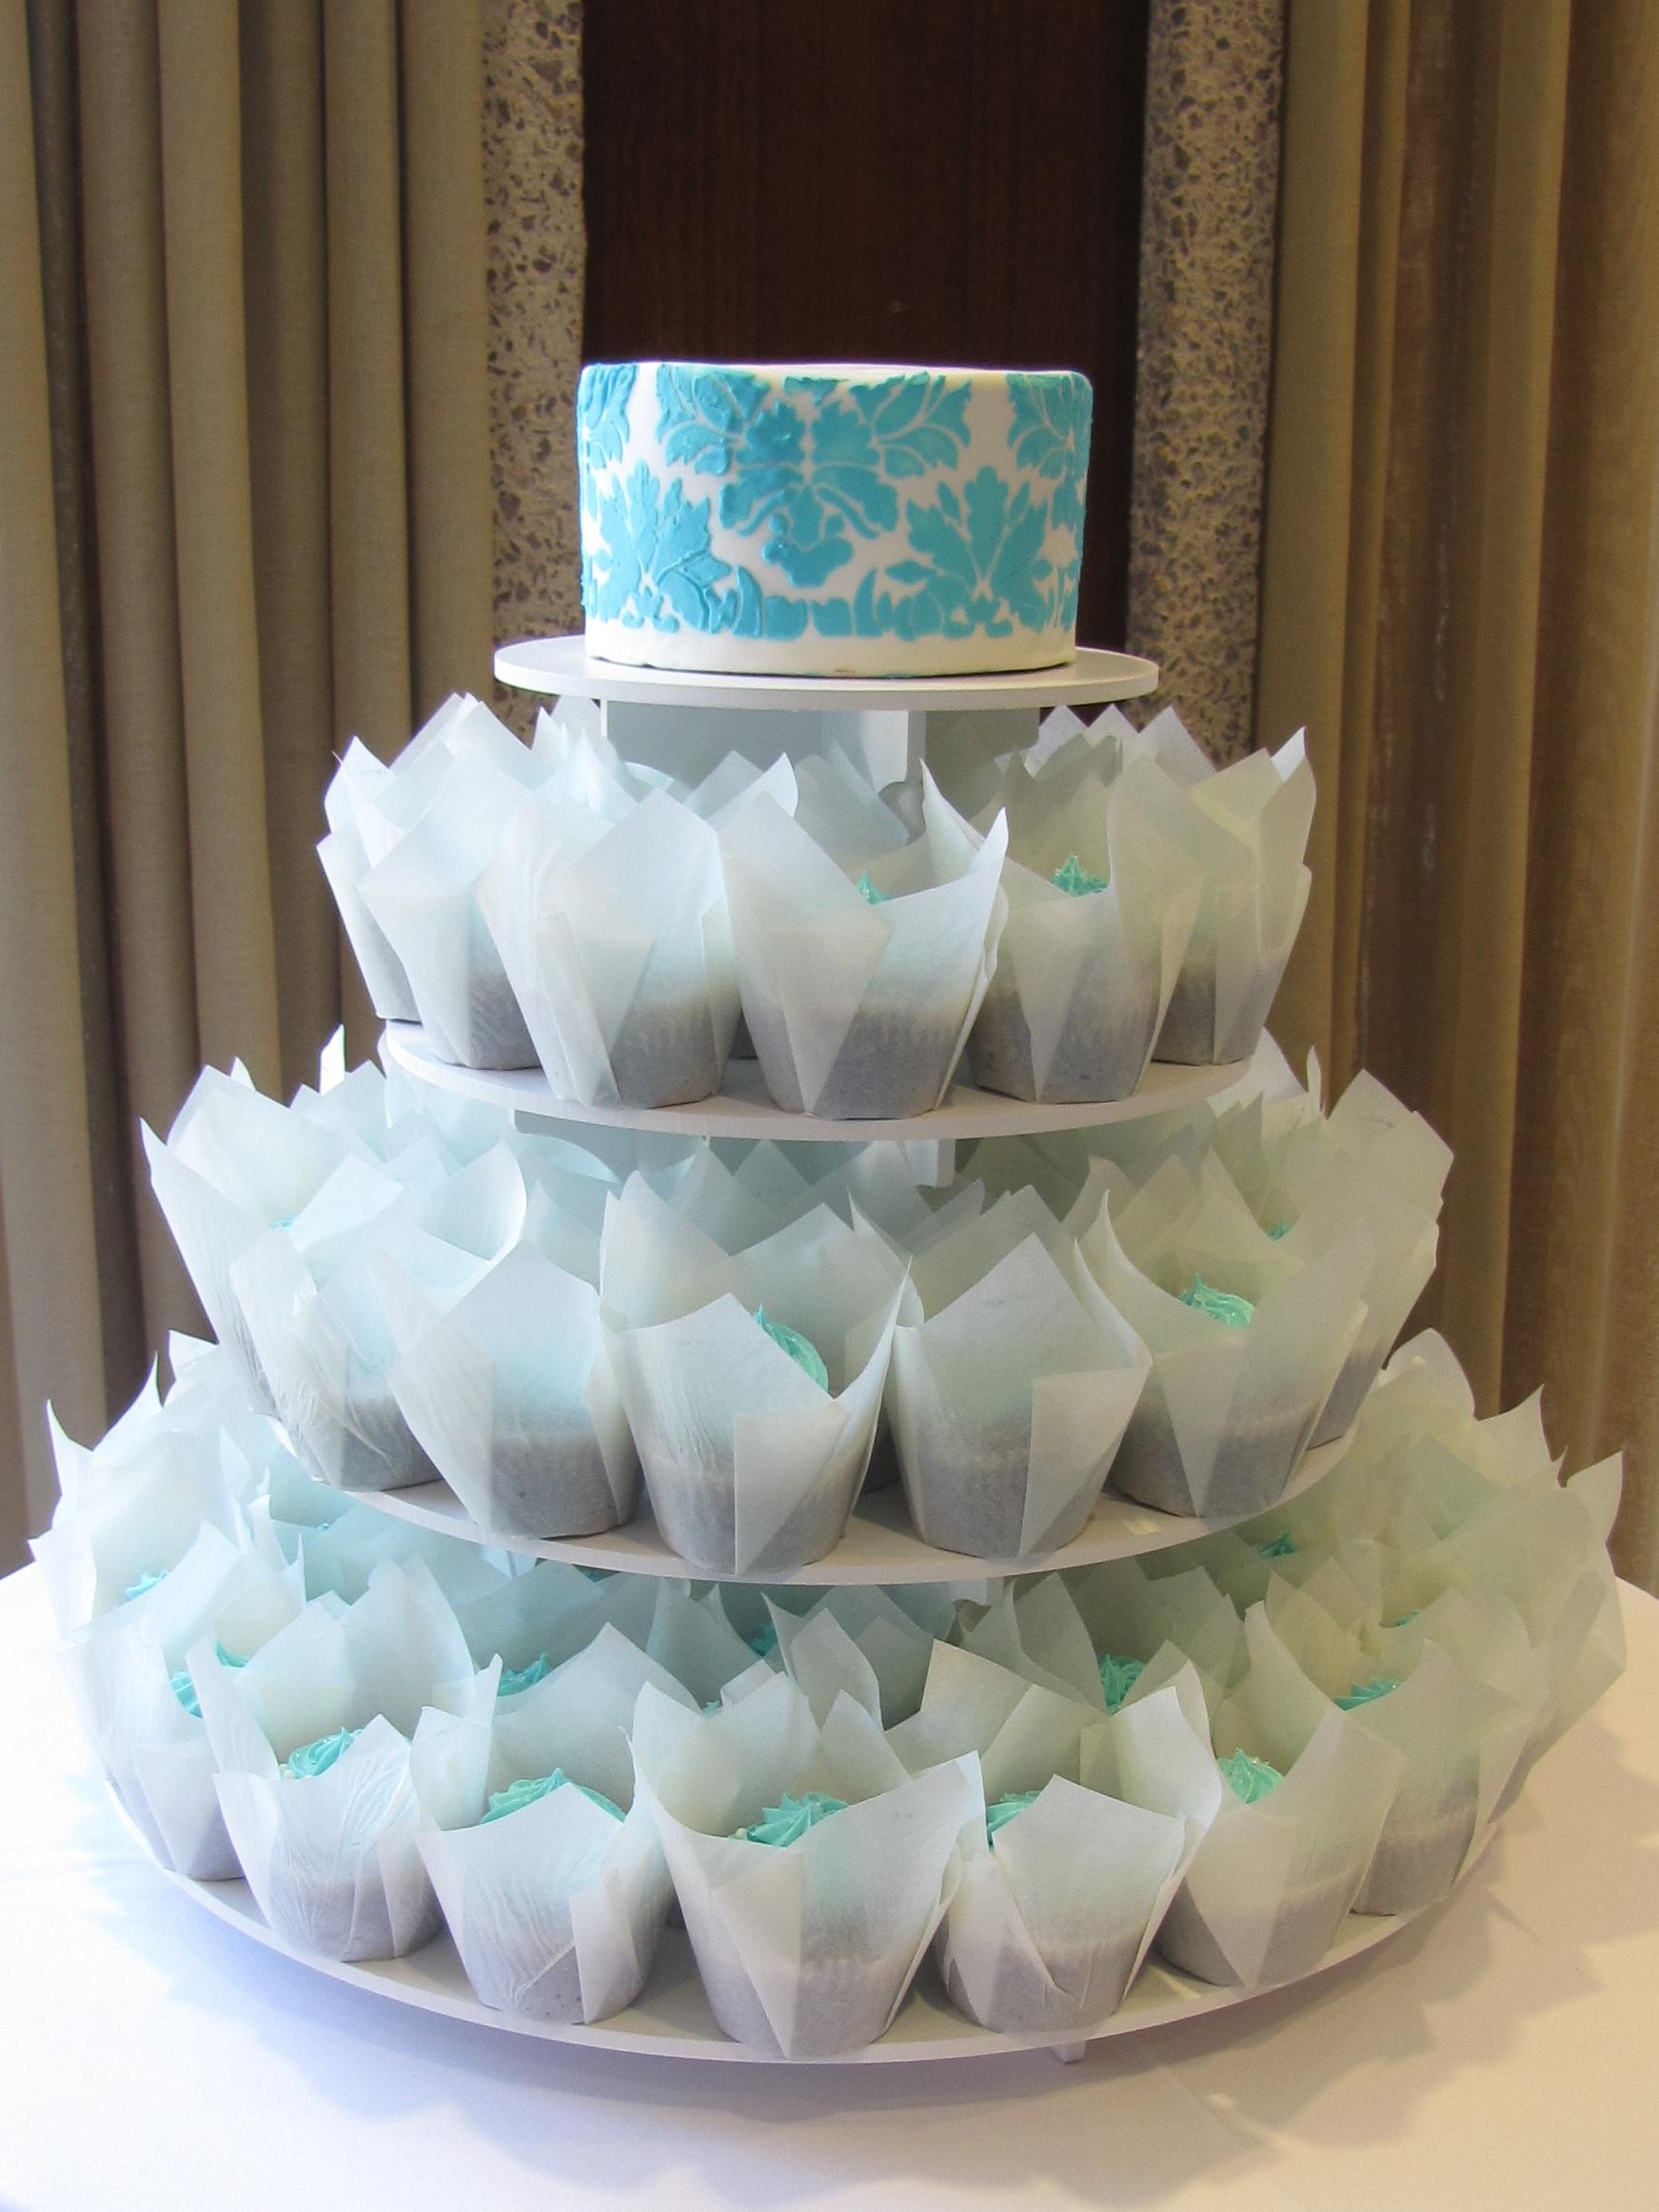 Small Cakes Cupcakes Panama City Fl